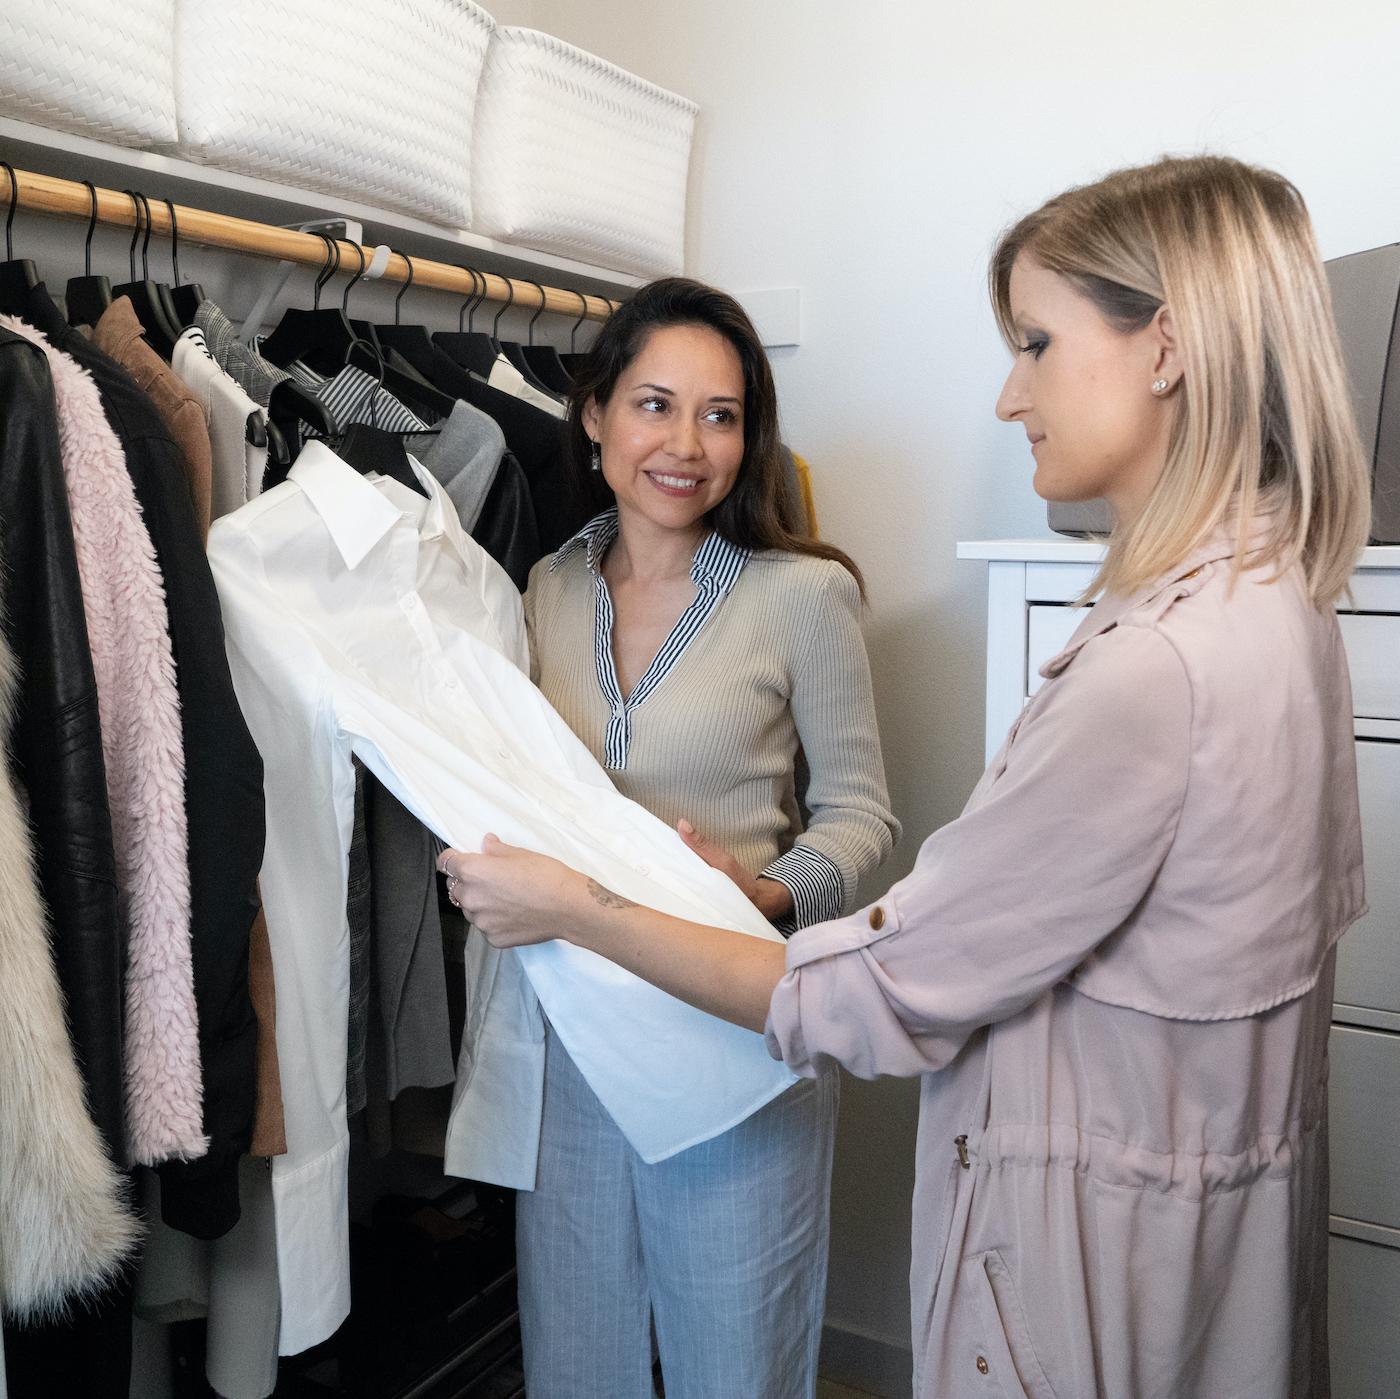 closet-overhaul-contest-giveaway